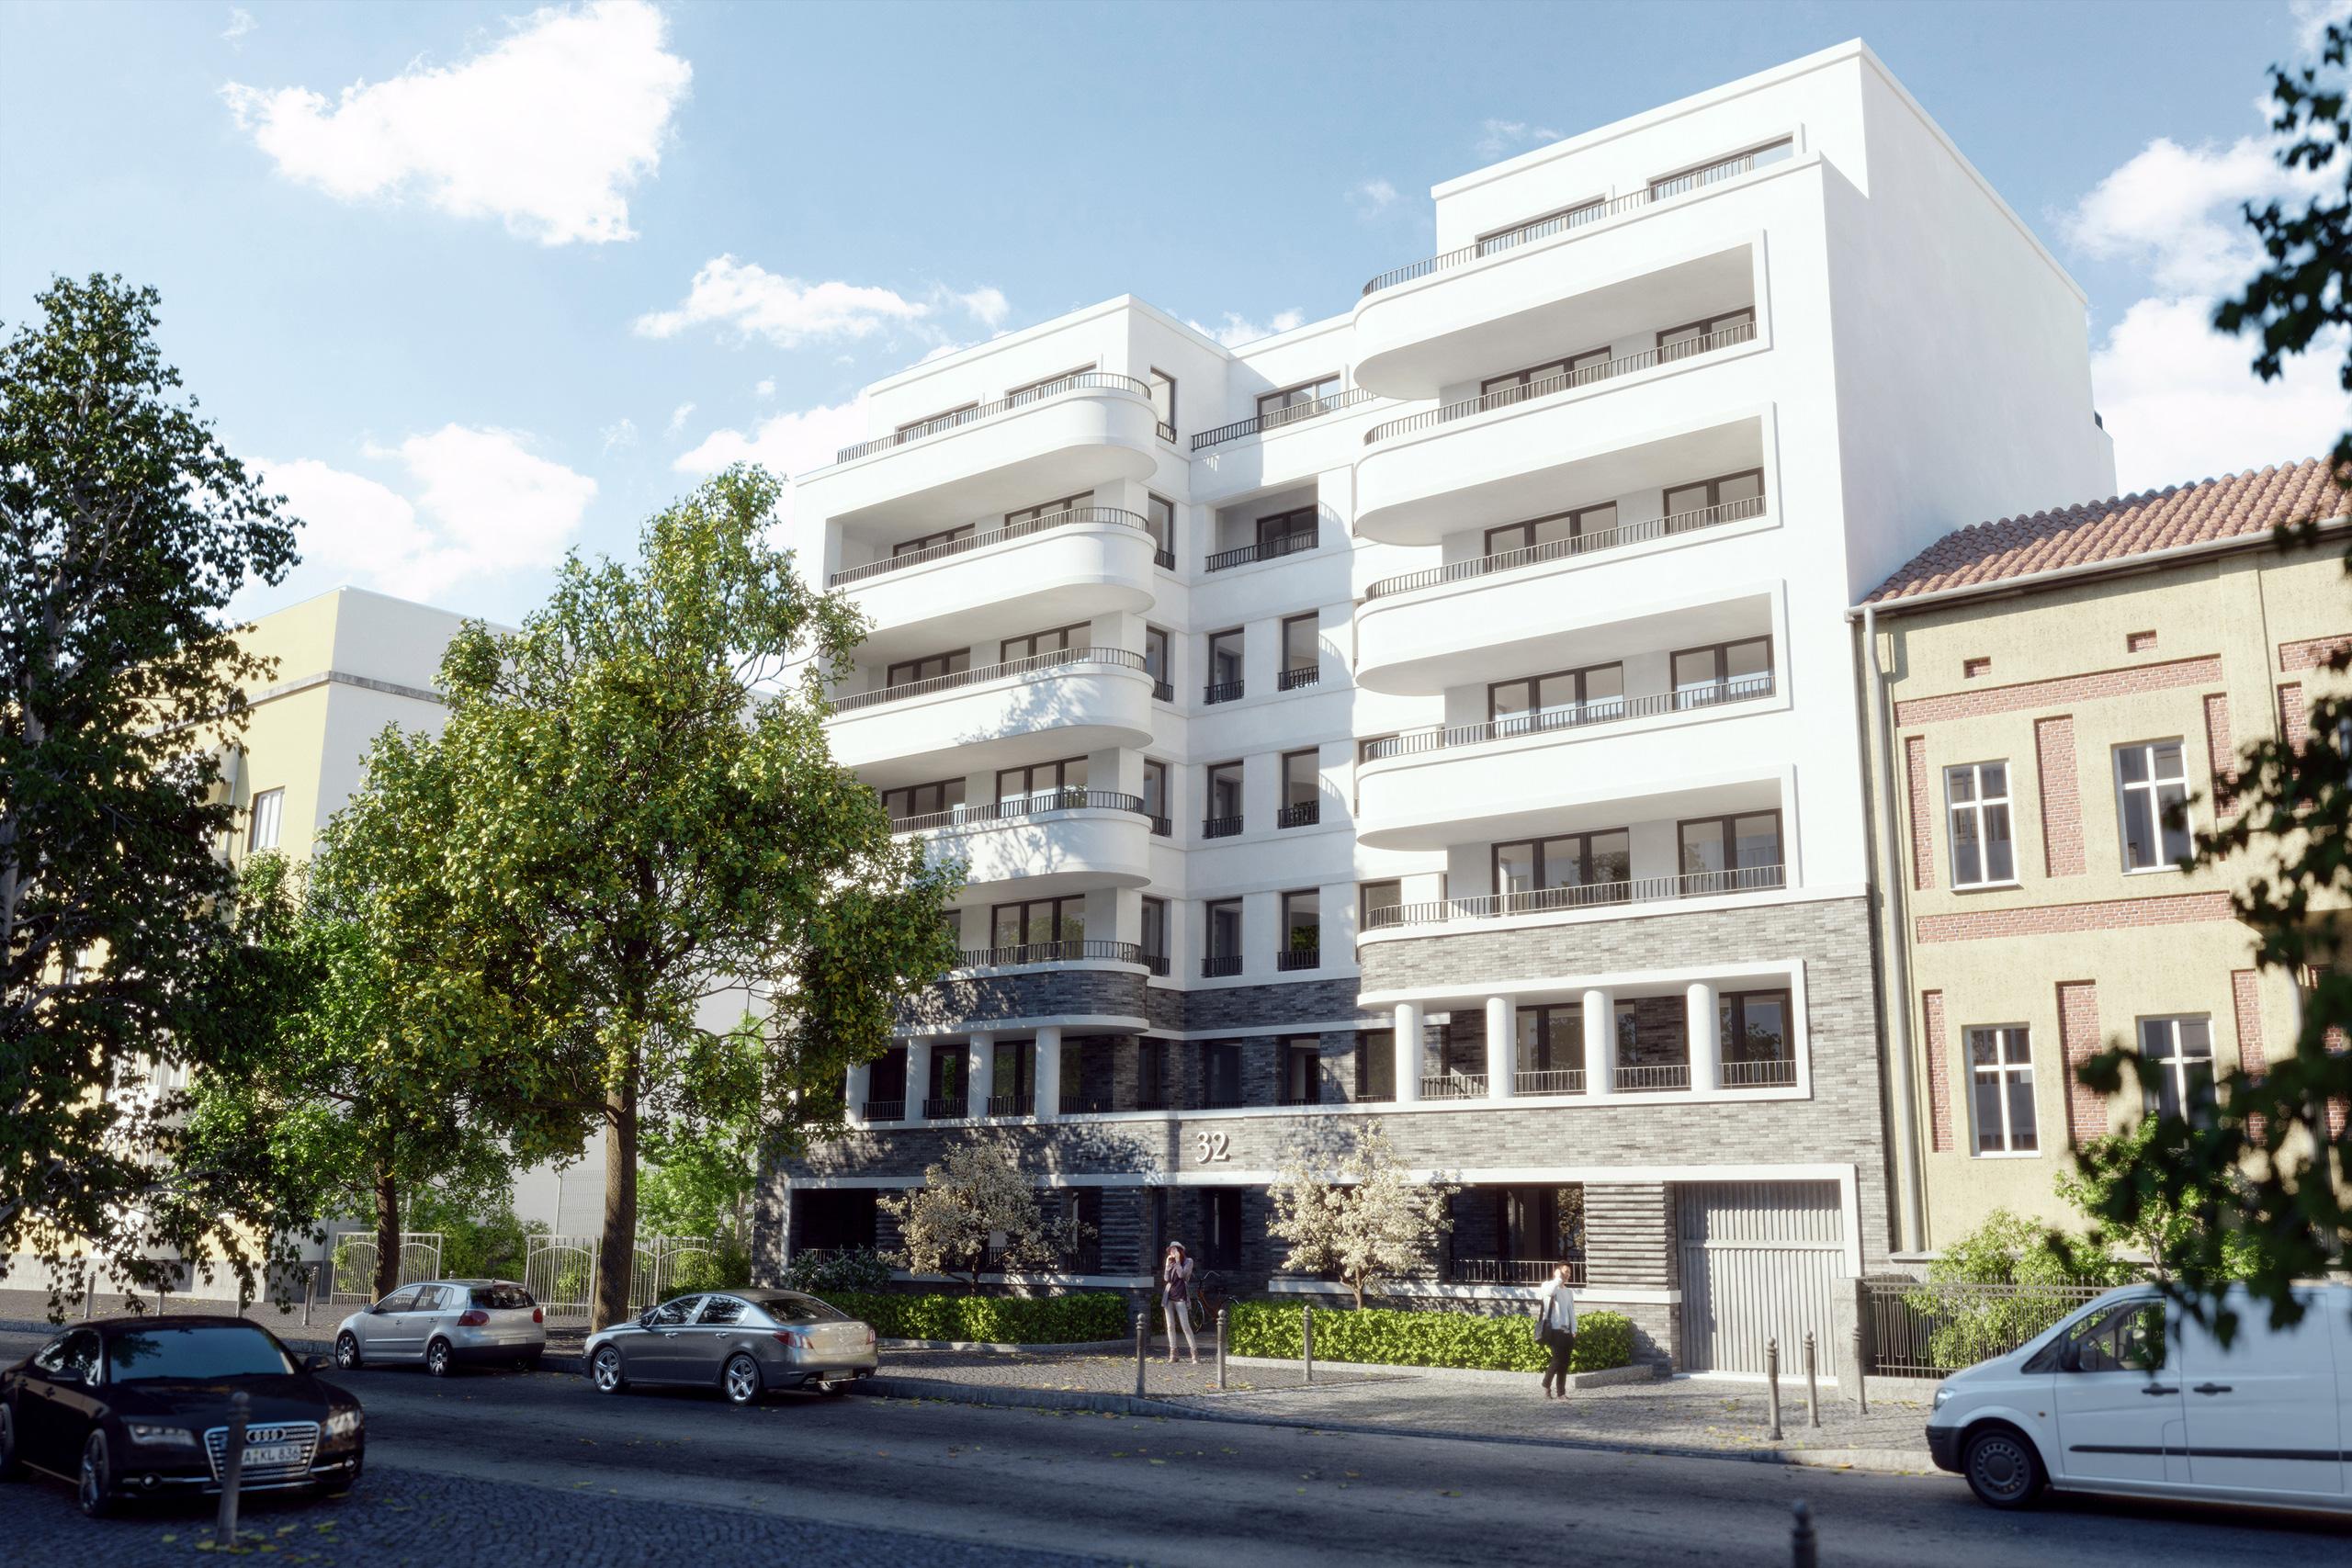 lehmann immobilien berlin eigentumswohnungen in berlin wilmersdorf. Black Bedroom Furniture Sets. Home Design Ideas